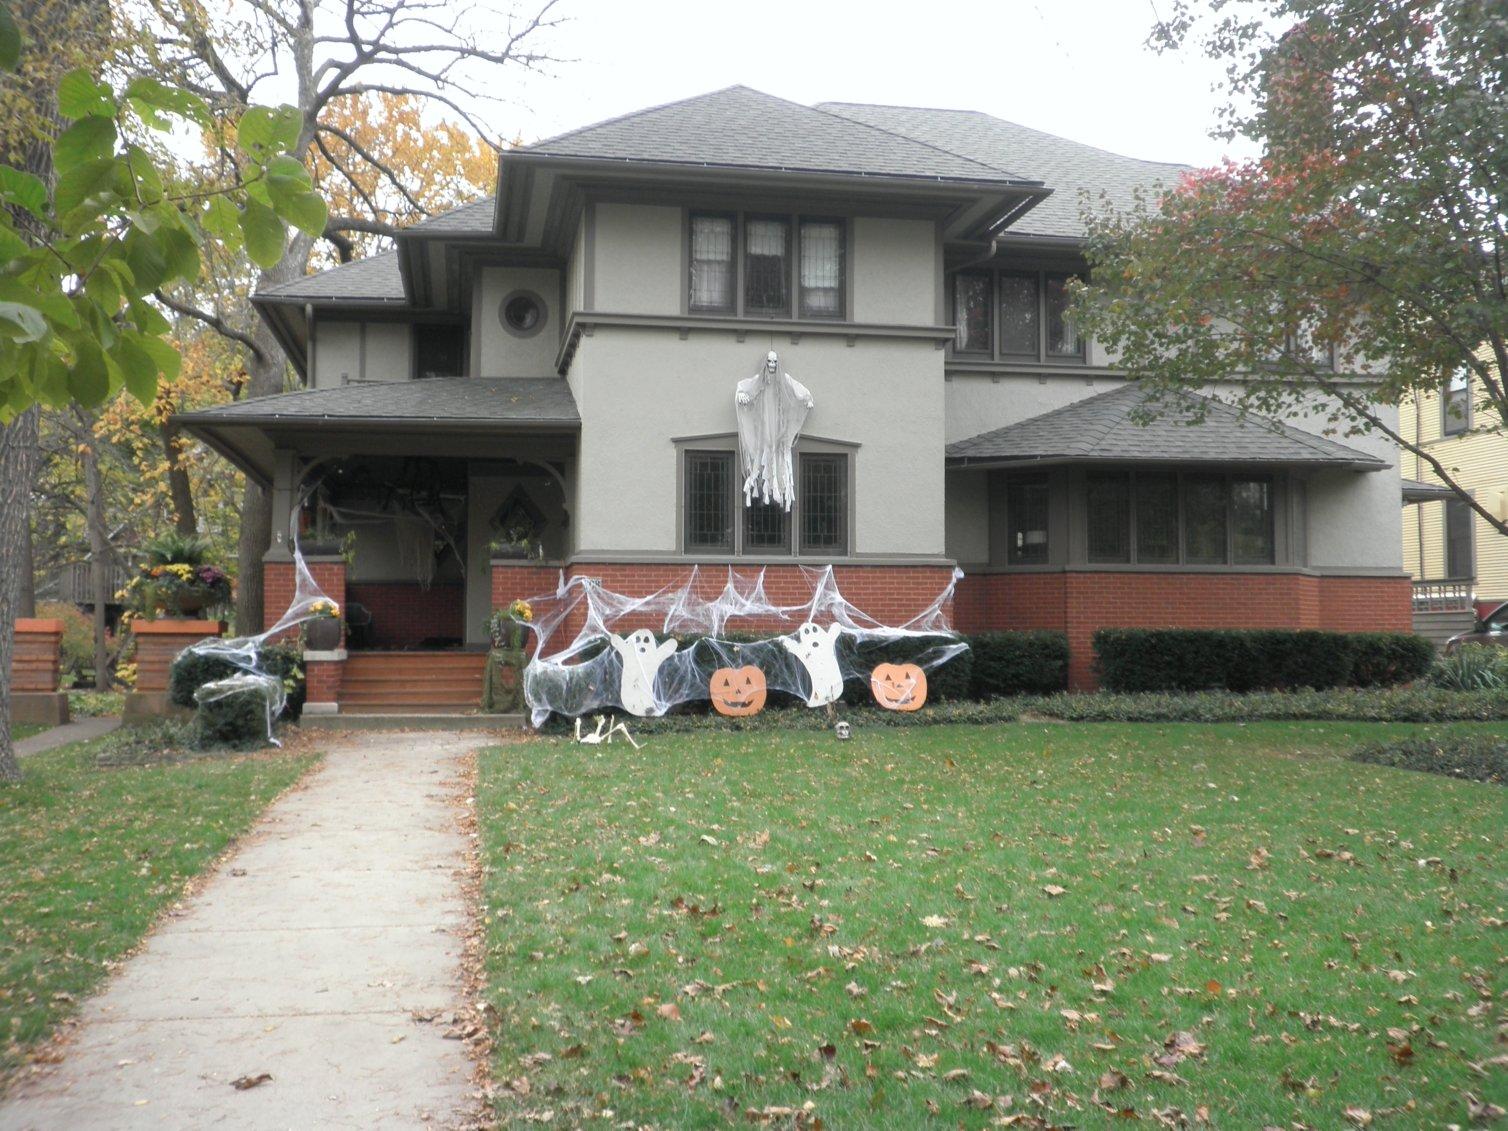 Halloween decorazioni e addobbi delle case americane for Decorazioni per casa